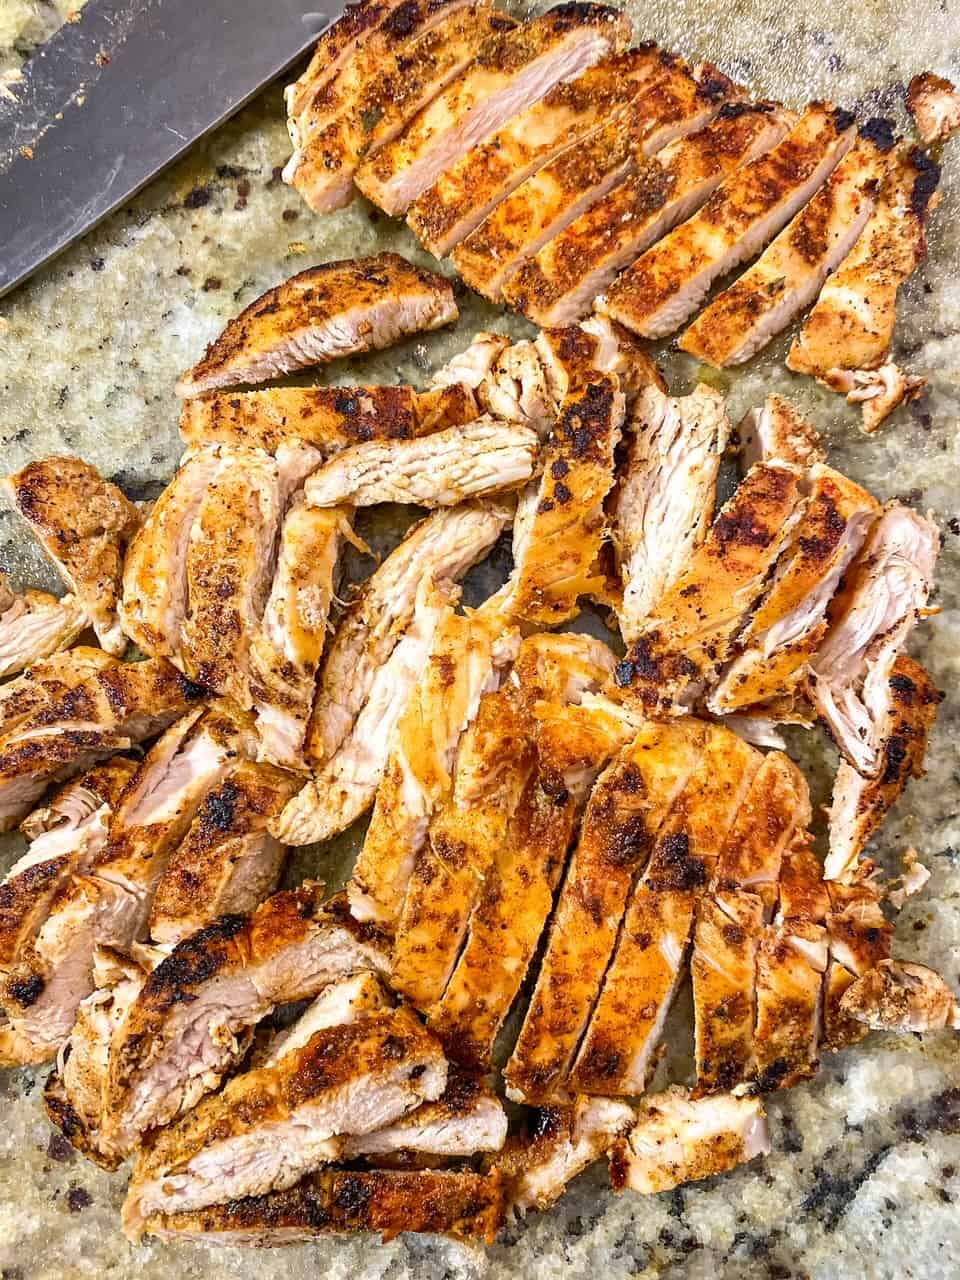 blackened chicken breast sliced up